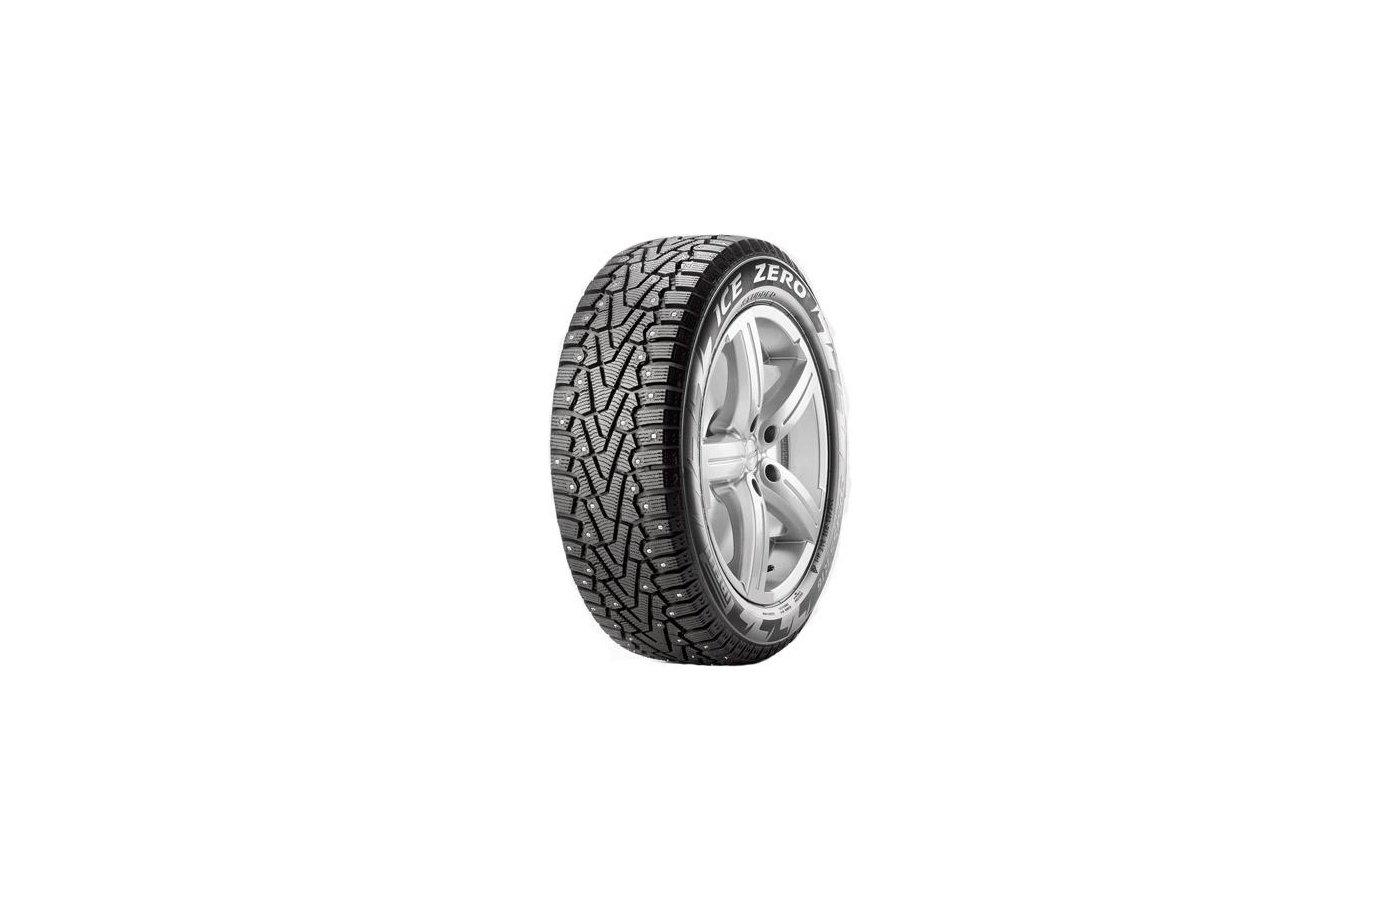 Шина Pirelli Winter Ice Zero 225/70 R16 TL 103T шип